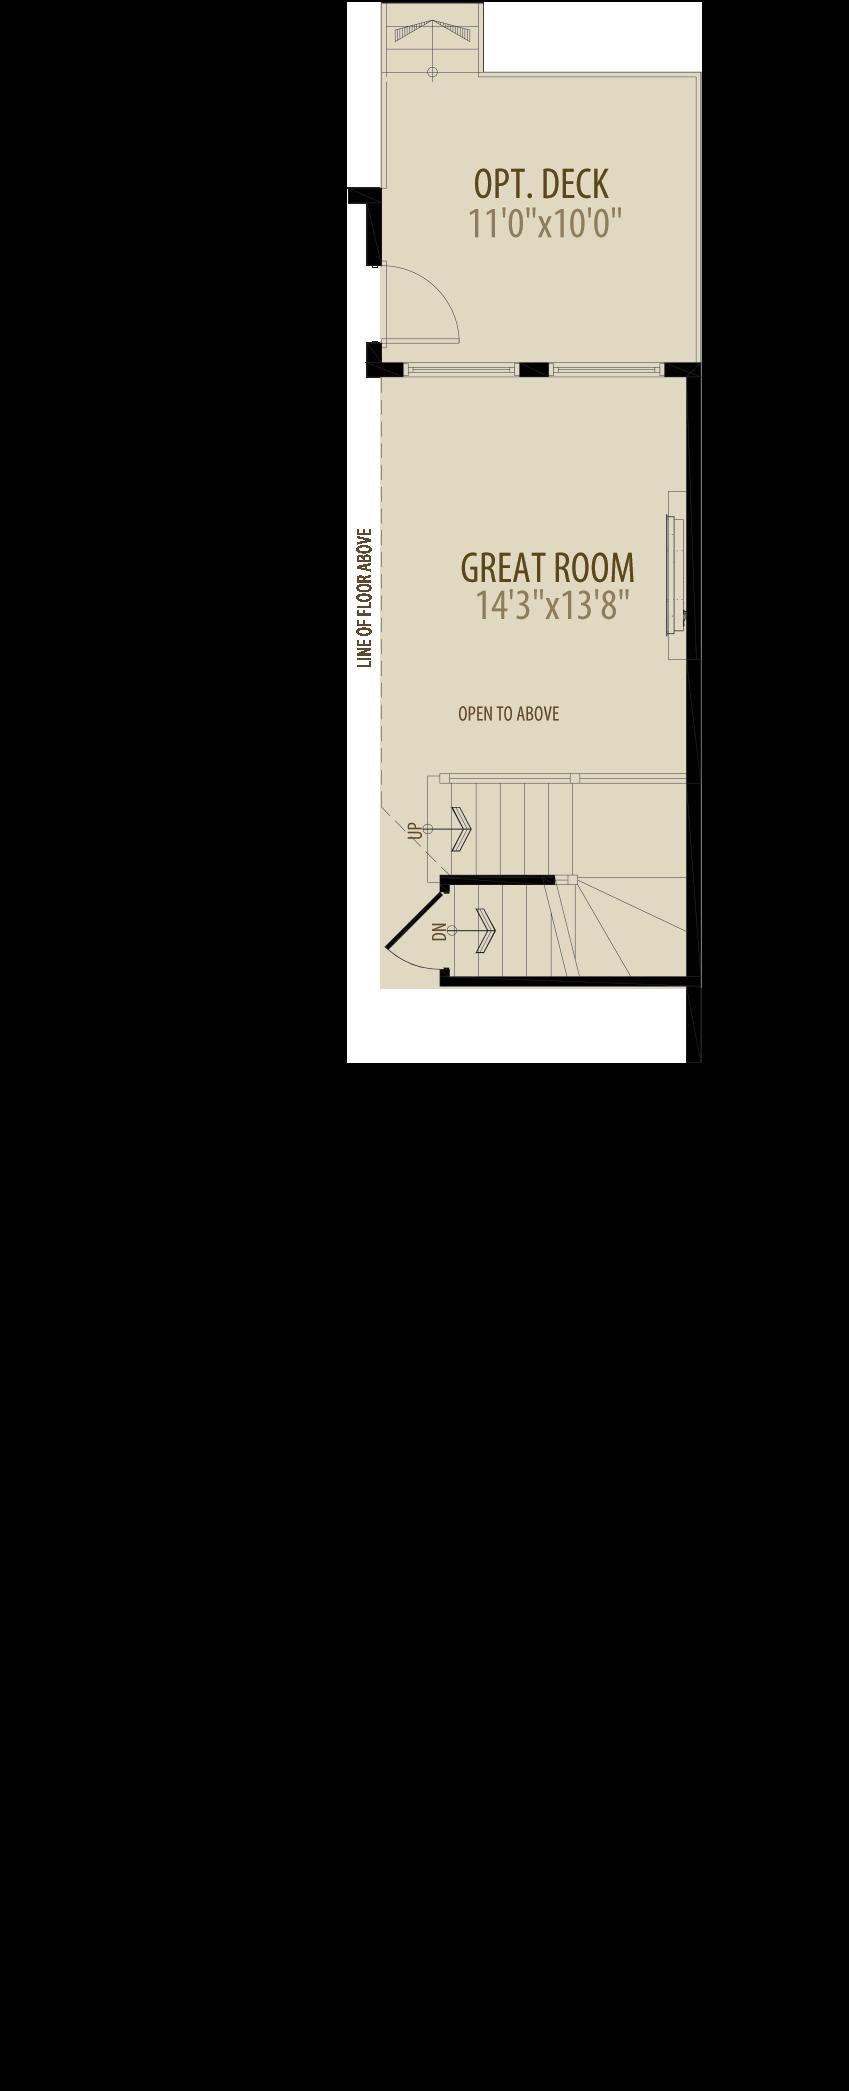 Open To Below Bonus Room Removes 54 sq ft